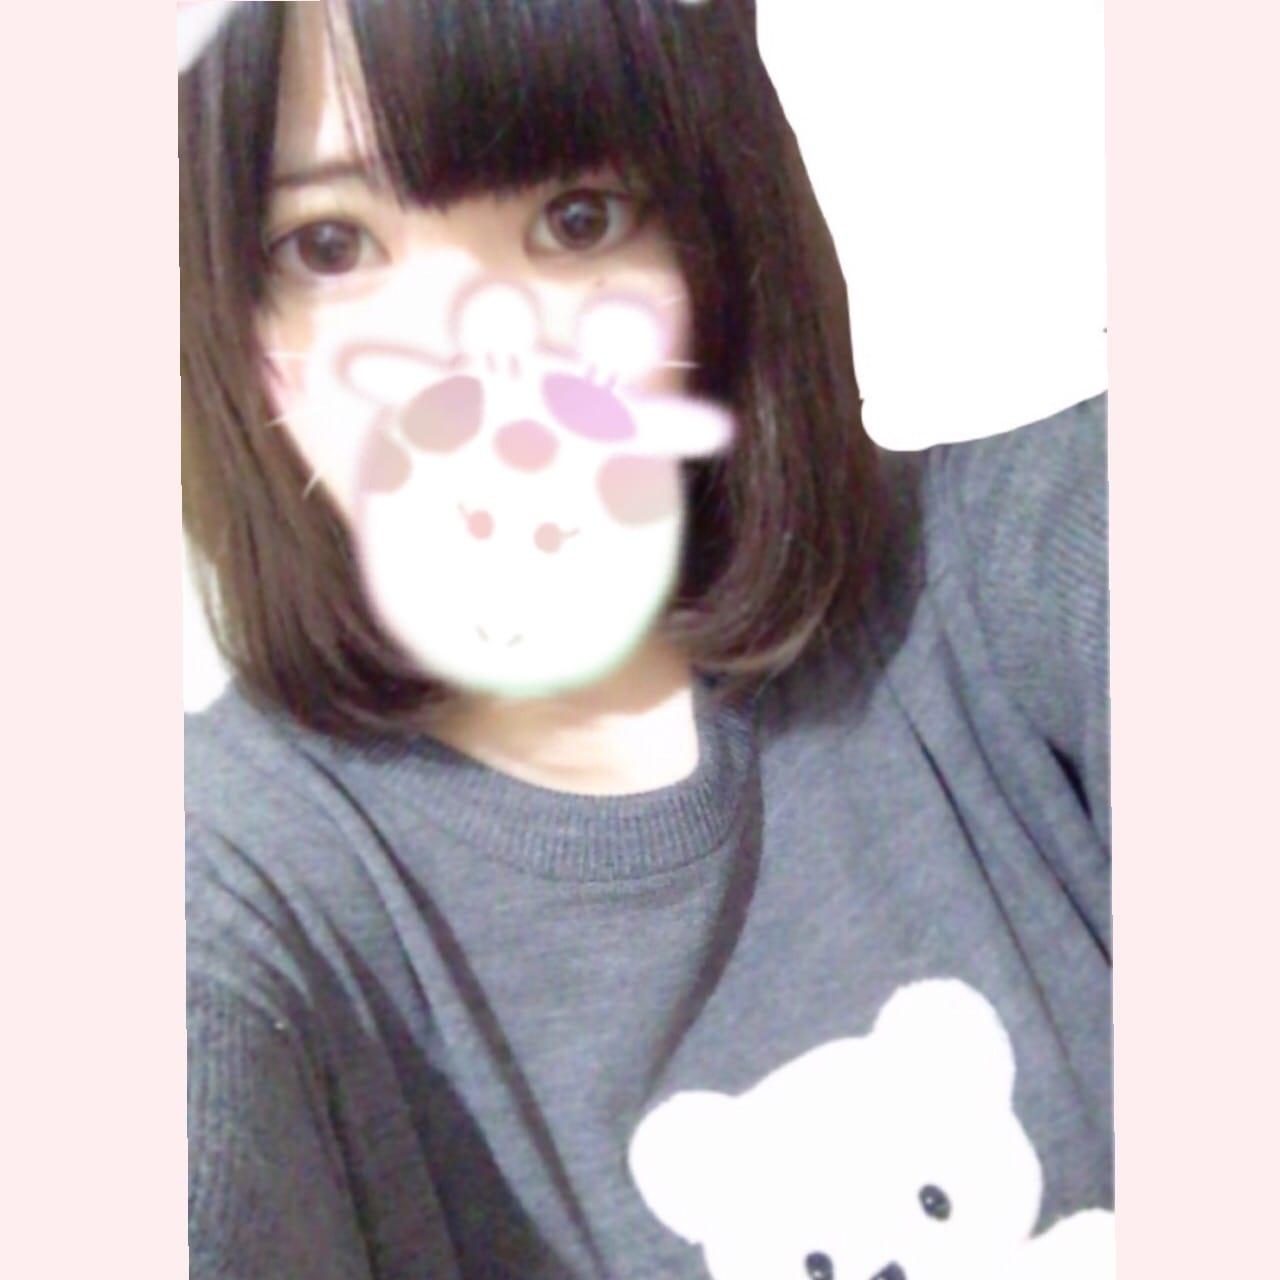 「おはよU・x・U」10/21(土) 11:45 | しおりの写メ・風俗動画